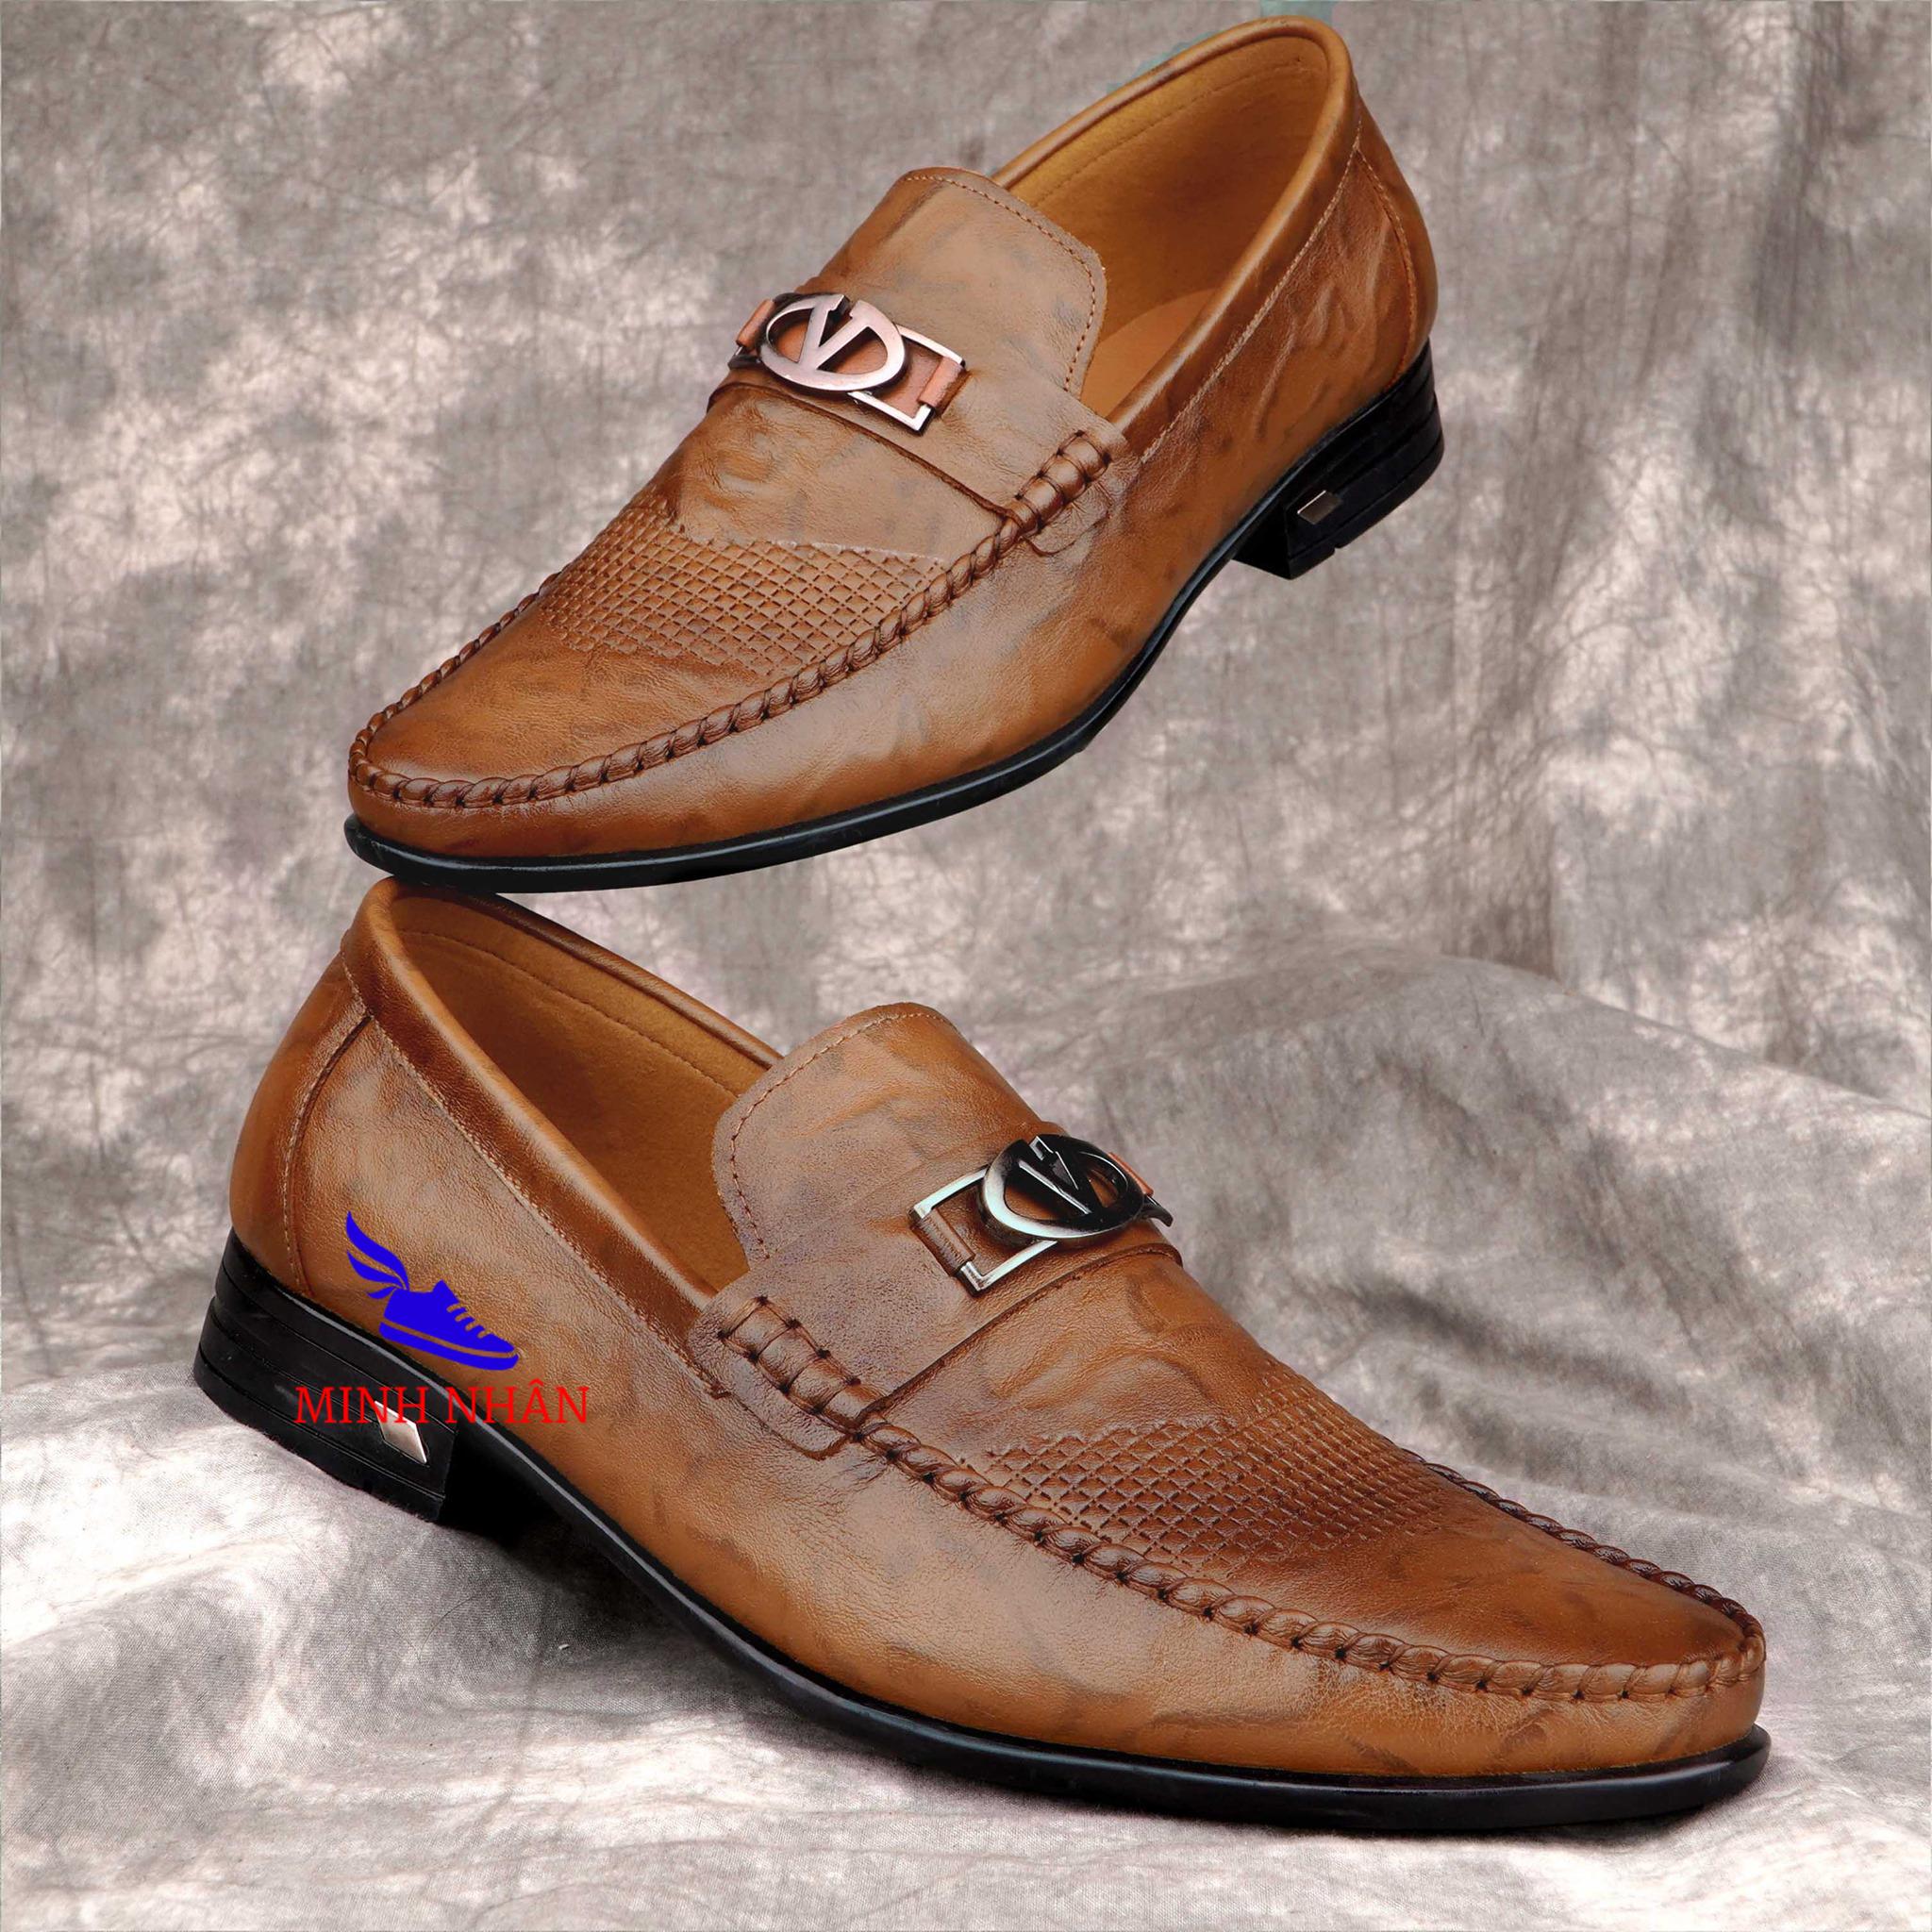 Giầy Lười Nam Da Bò giày mọi nam da bò đục lỗ thoáng khí Bảo hành 12 tháng Giày Cổ điển Da Doanh Nhân Đơn Giản Giày xỏ nam Giày Tây Giày Công Sở hàng hiệu cao cấp giá rẻ sang trọng L-8 màu 2 màu Đen Nâu